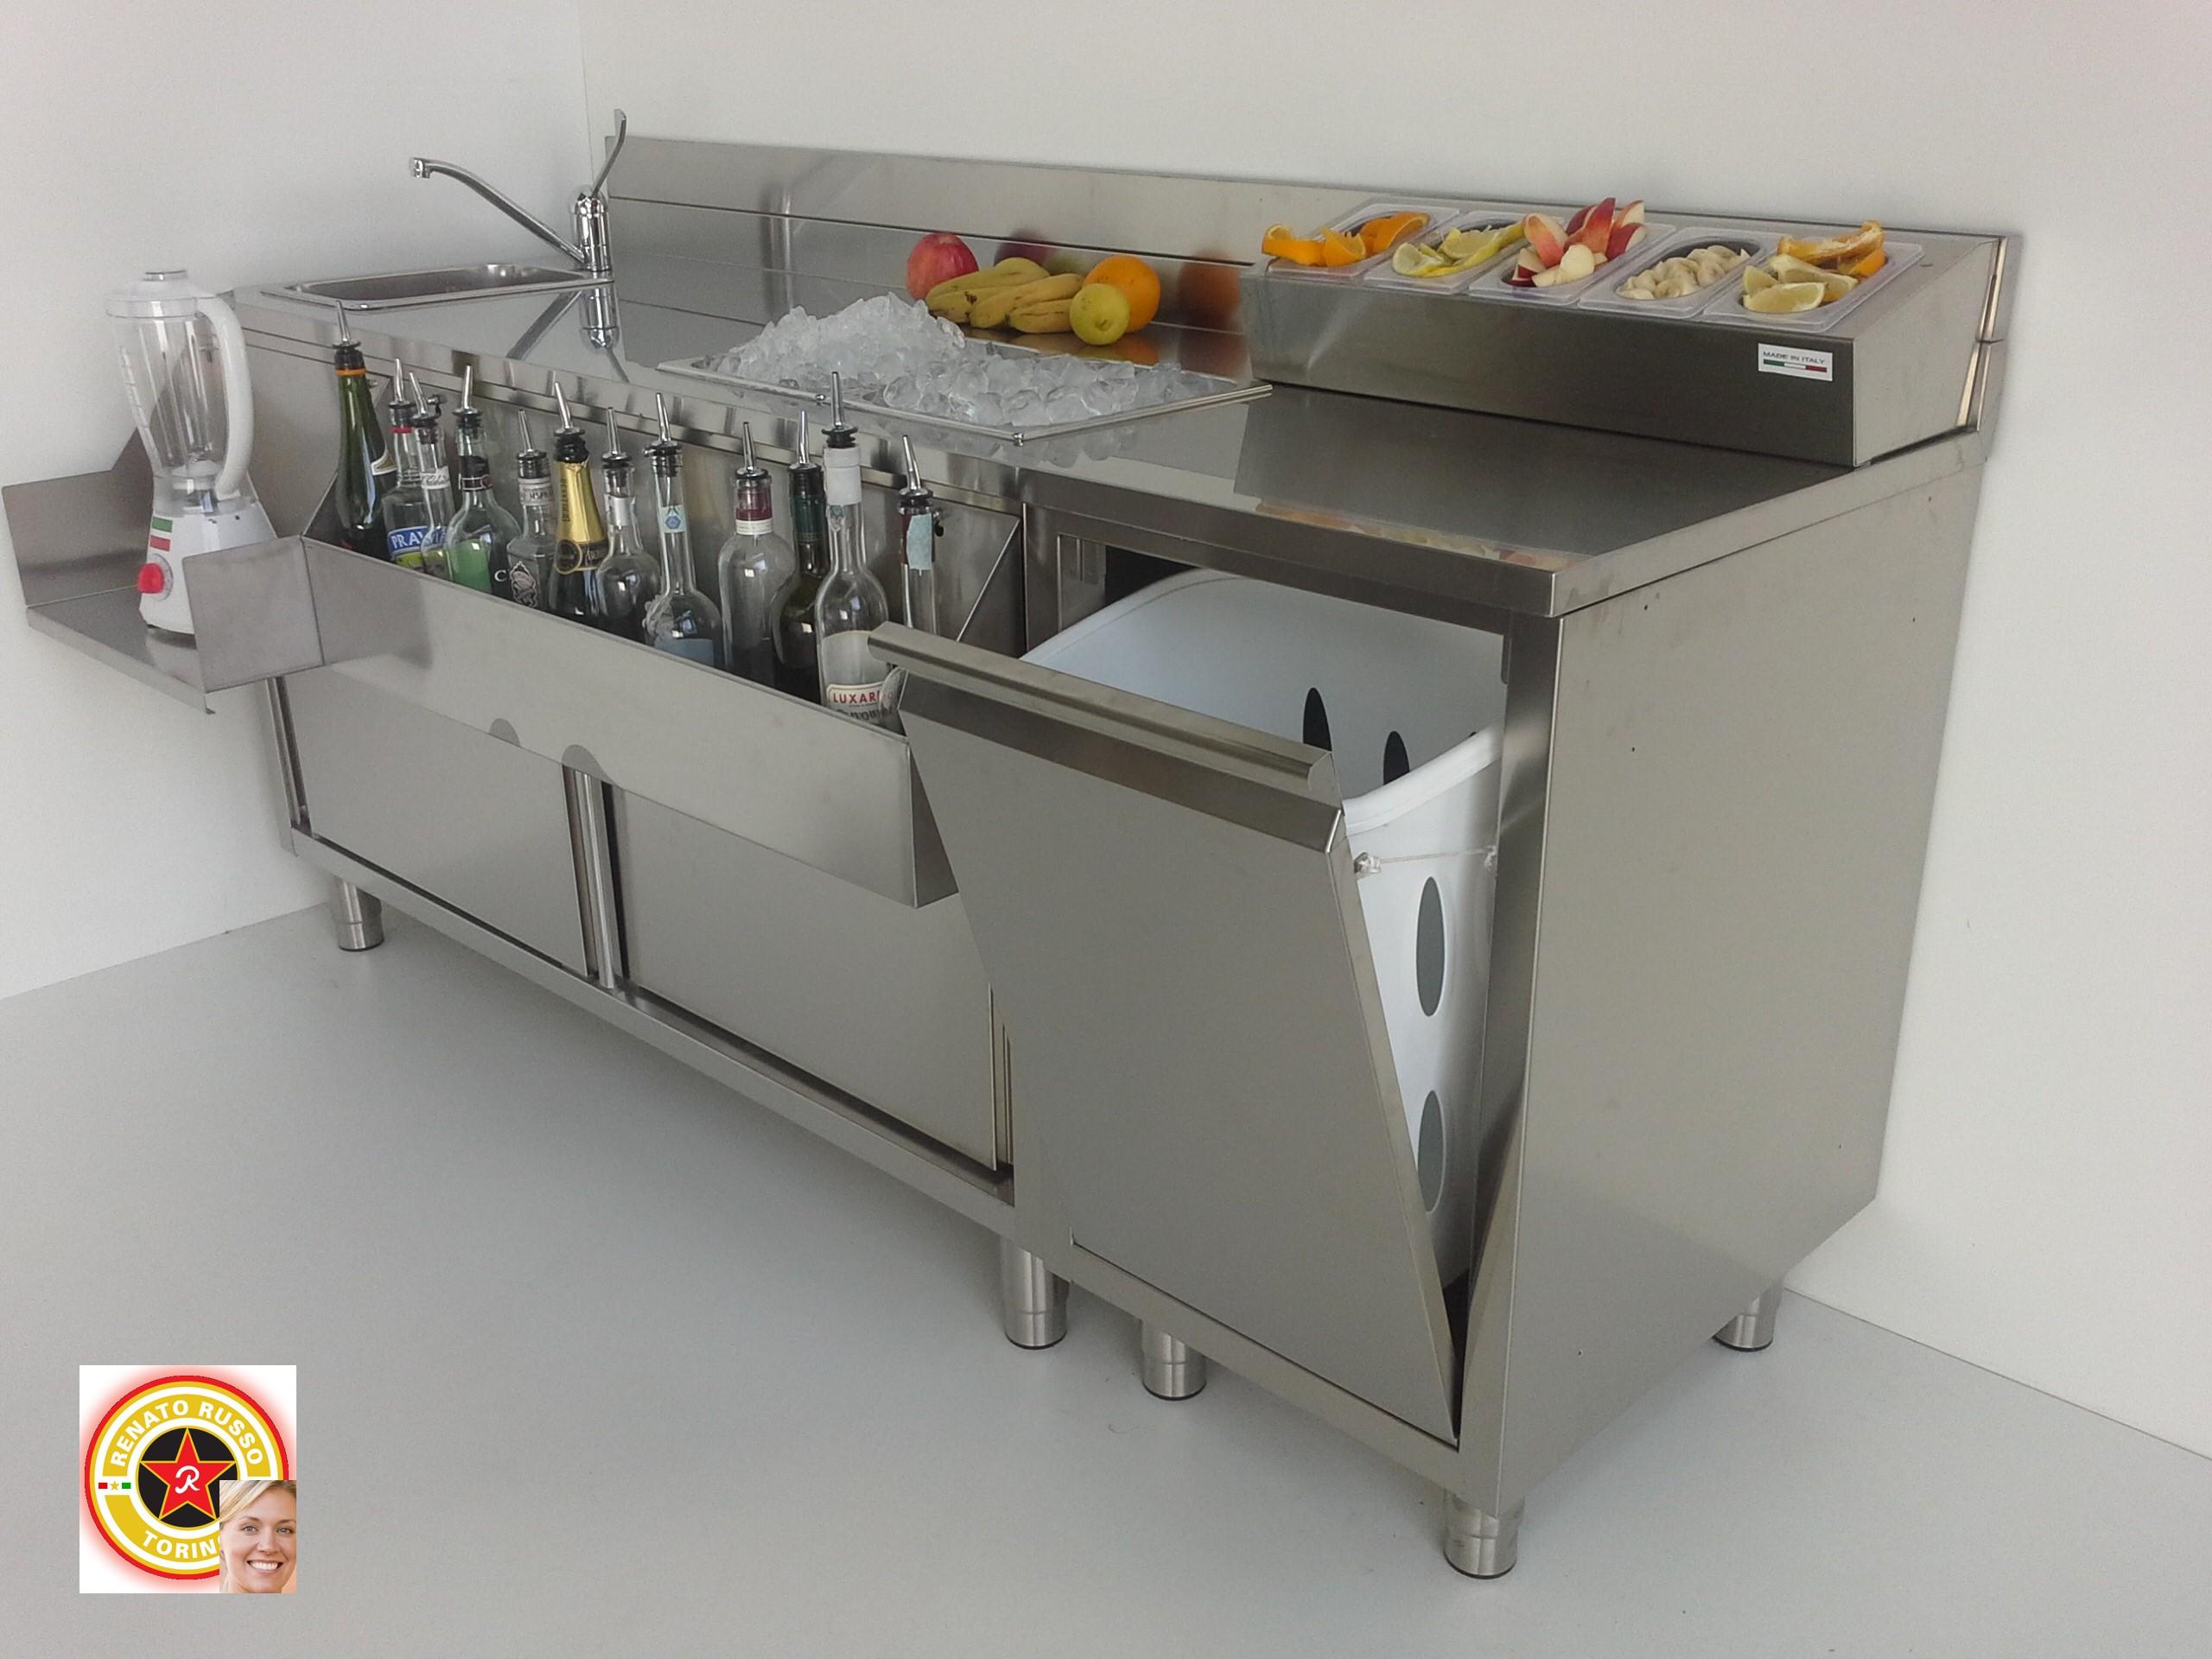 Banchi bar i piu 39 grandi produttori di banchi bar banconi frigo arredamenti per bar - Frigo da tavolo usato ...